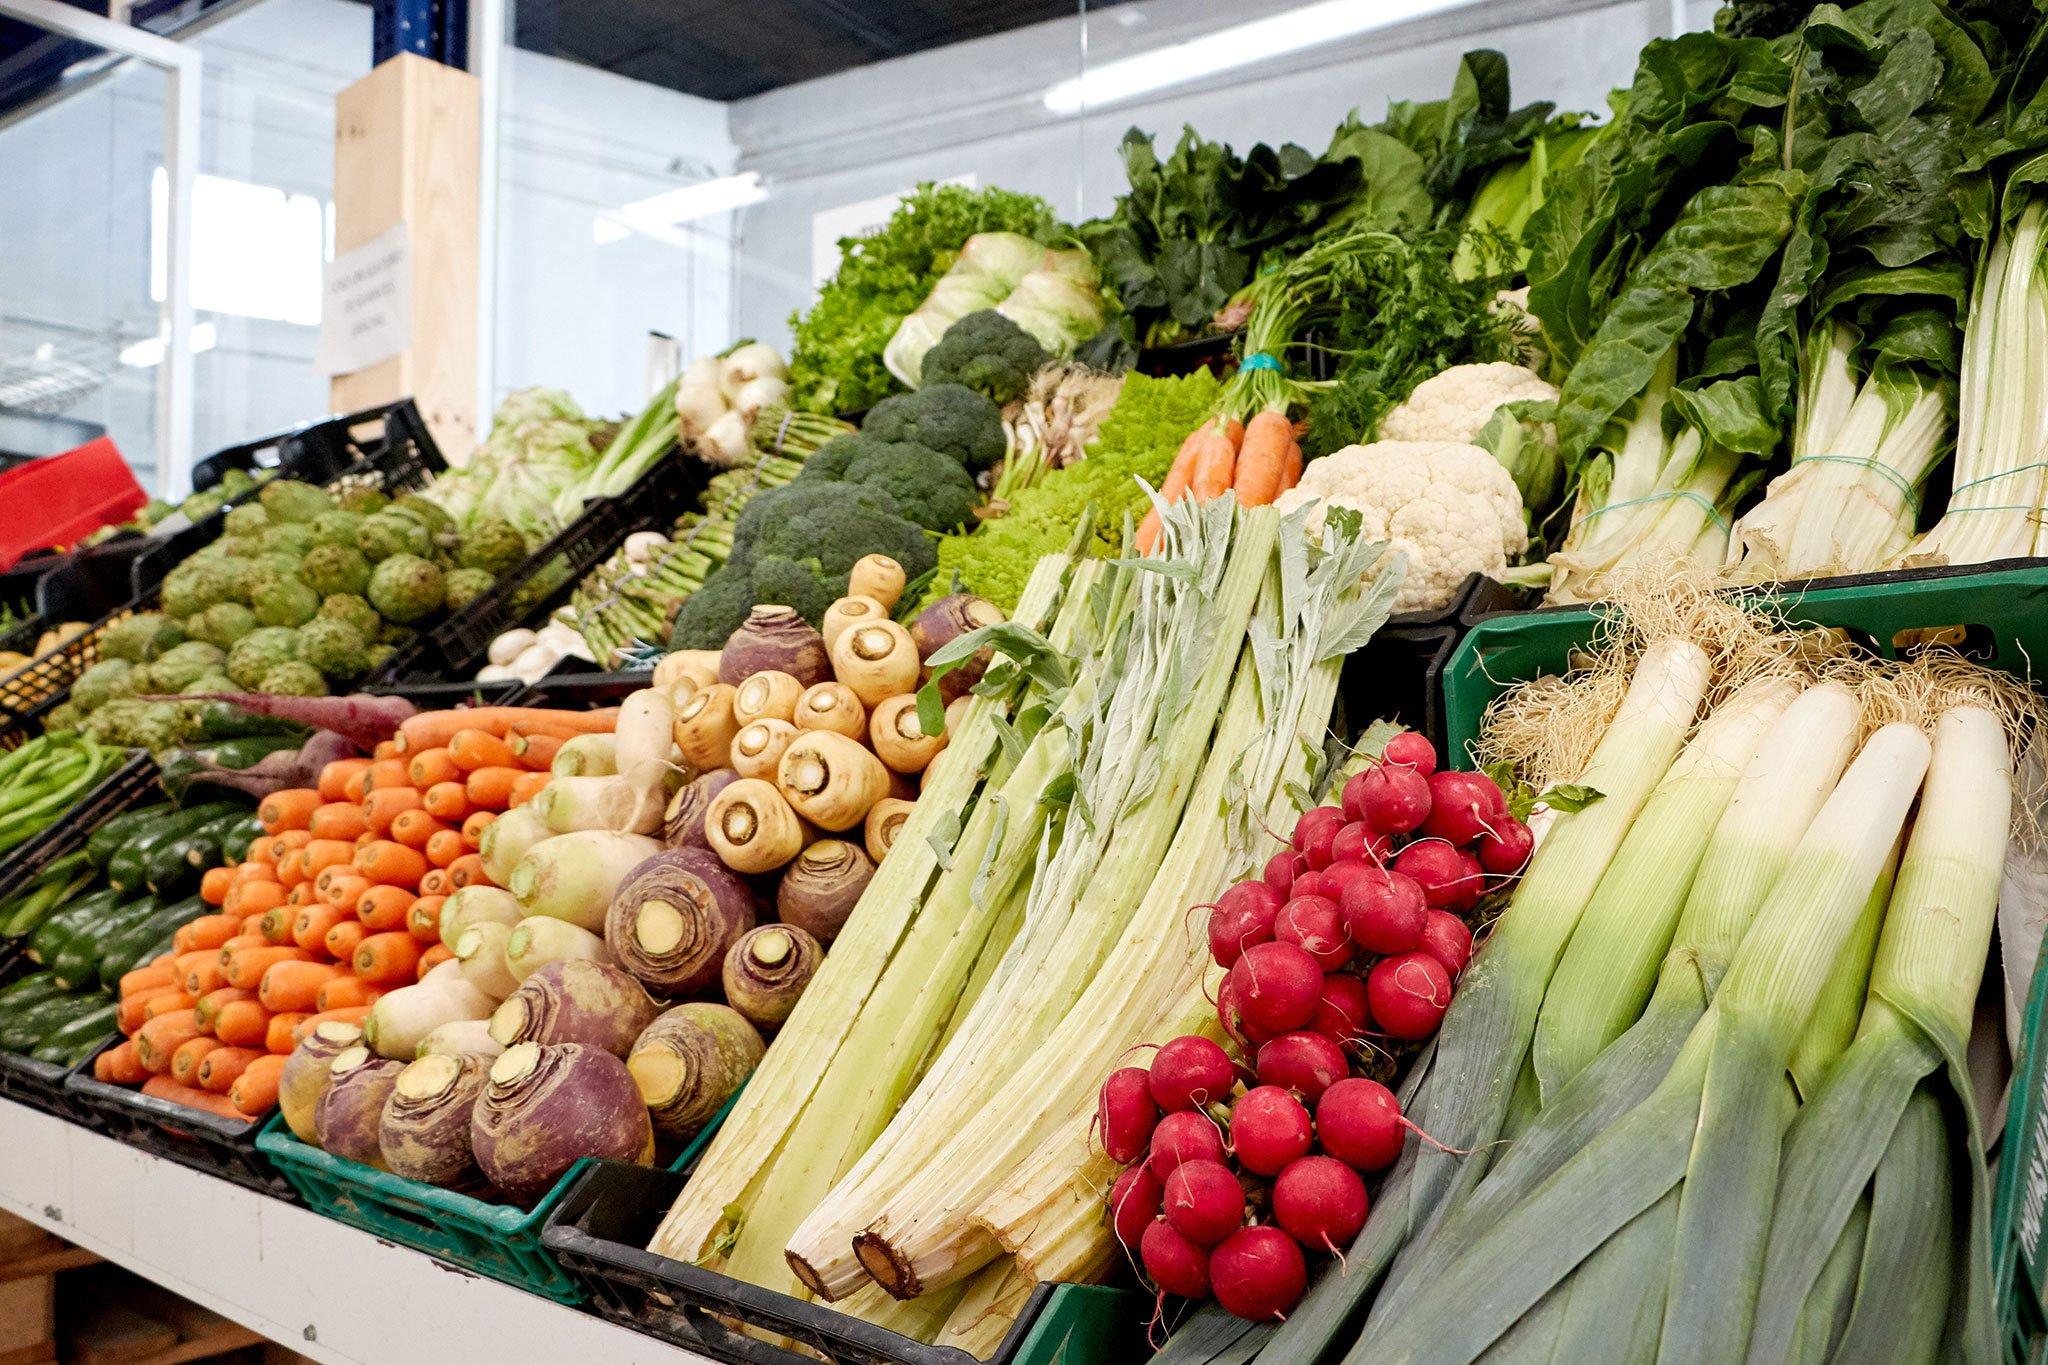 Hortalizas de agricultura de proximidad en Dénia, en La Nau d'Orozco – Frutas y verduras Orozco